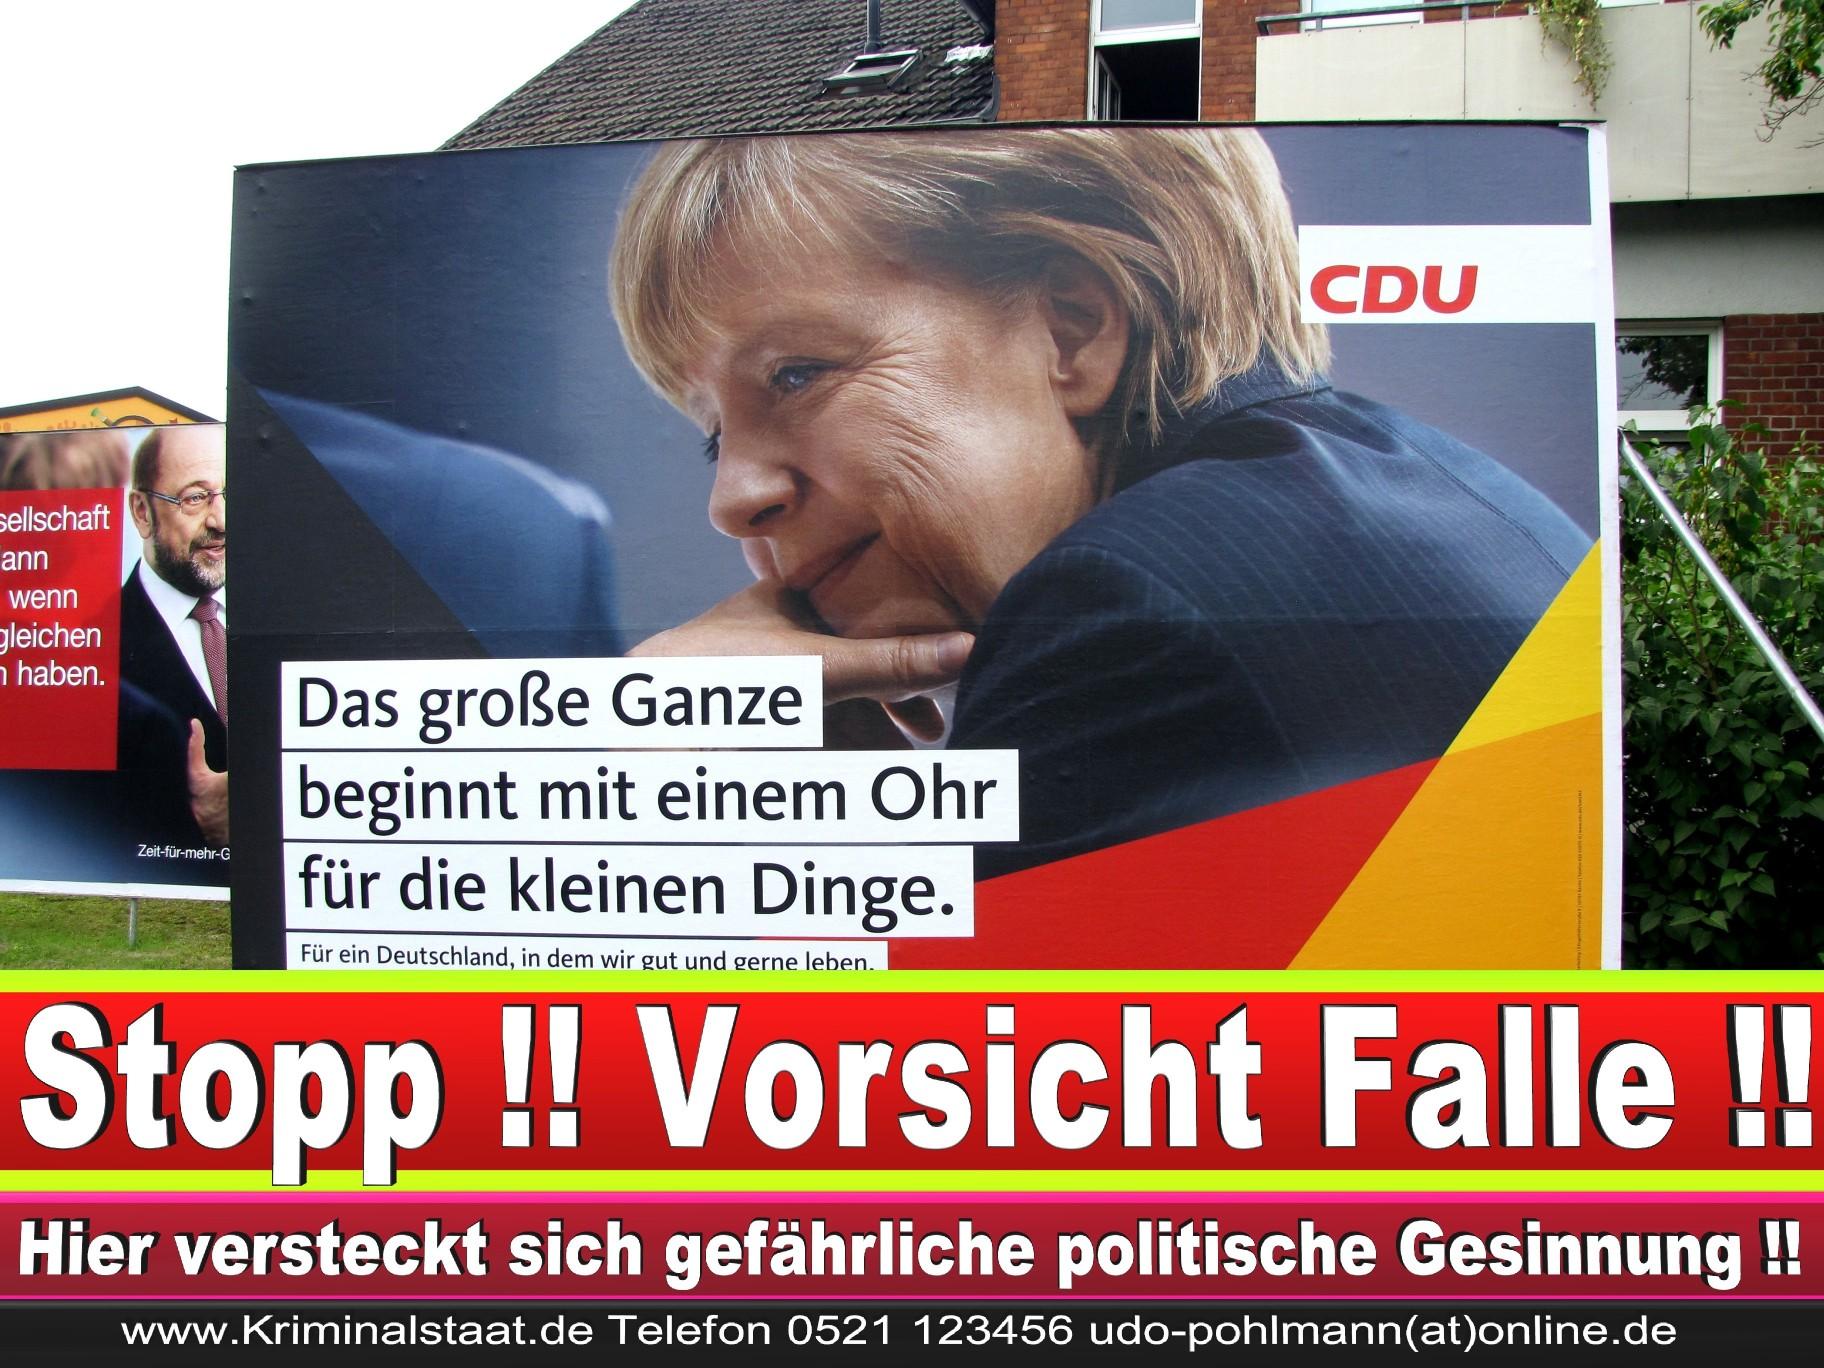 Wahlwerbung Wahlplakate Landtagswahl 2019 Europawahl CDU SPD FDP 2021 (70)